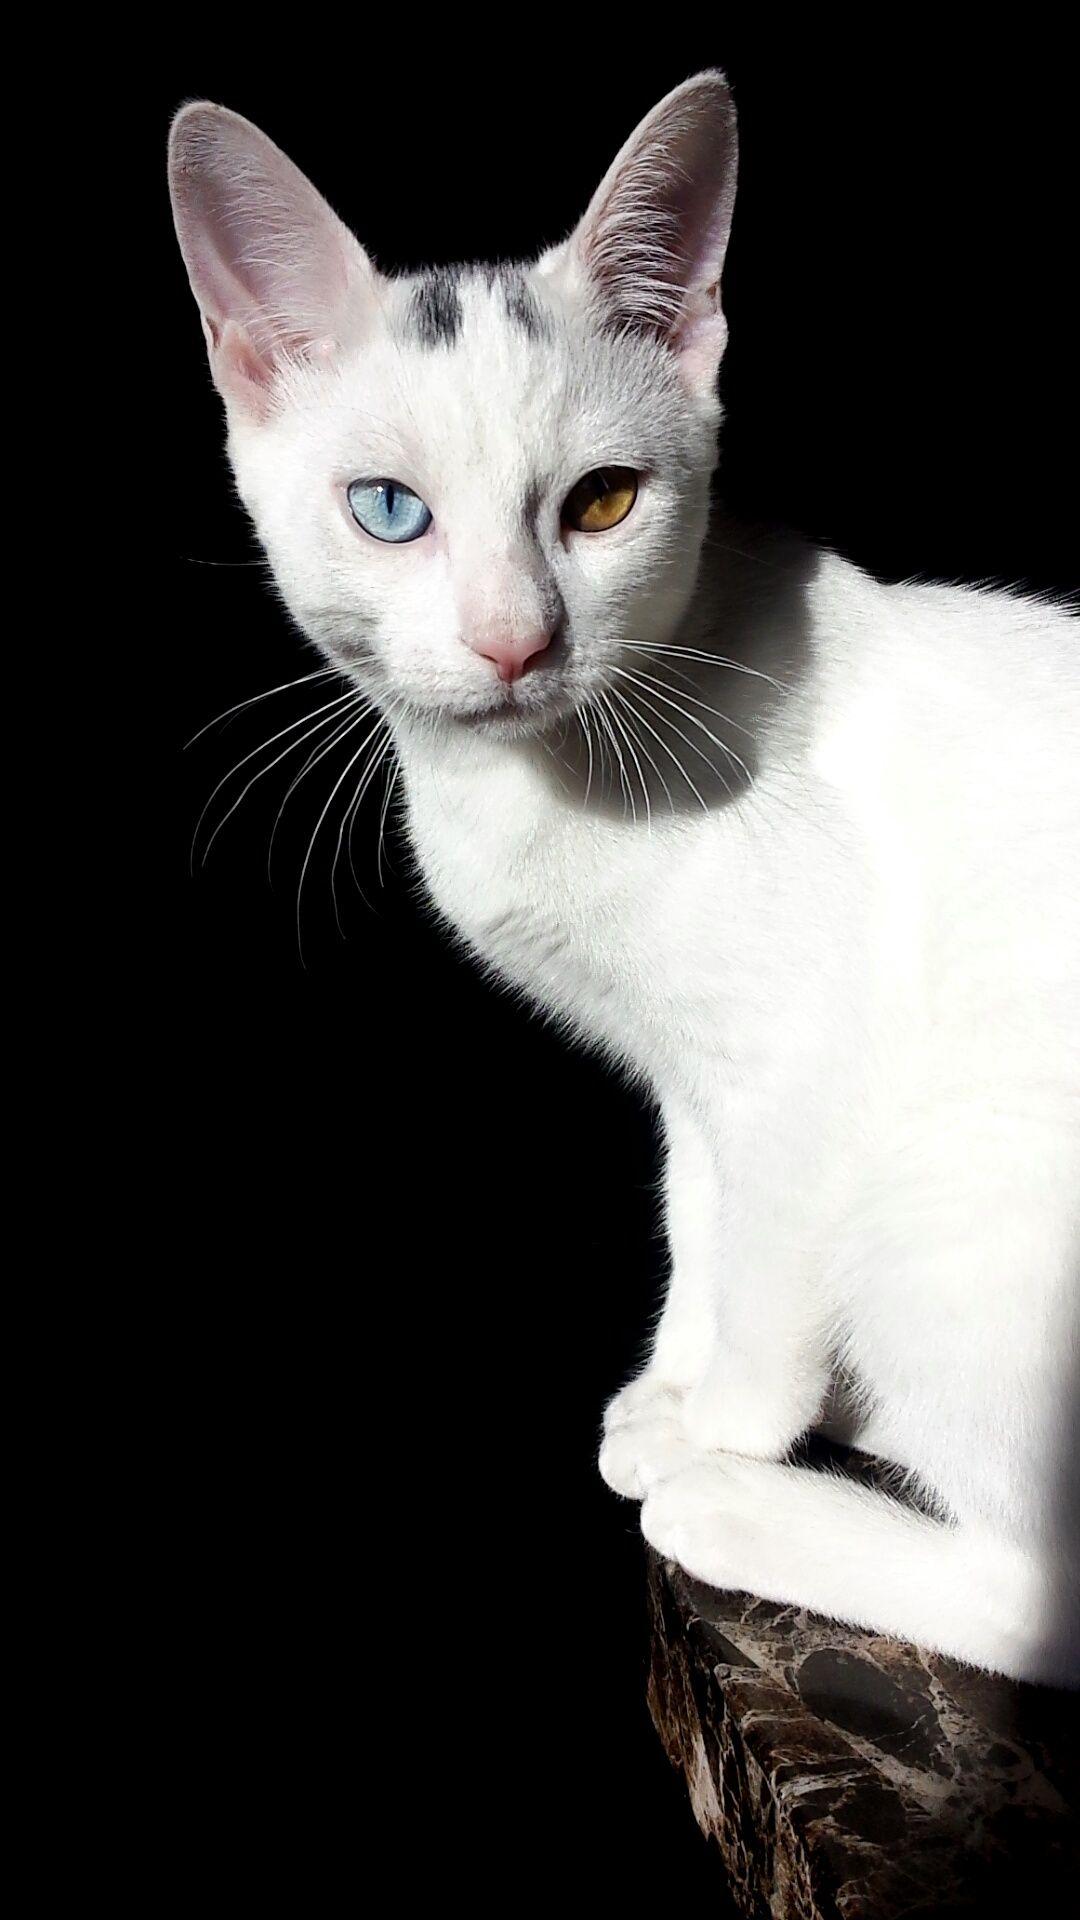 A cat with heterochromia